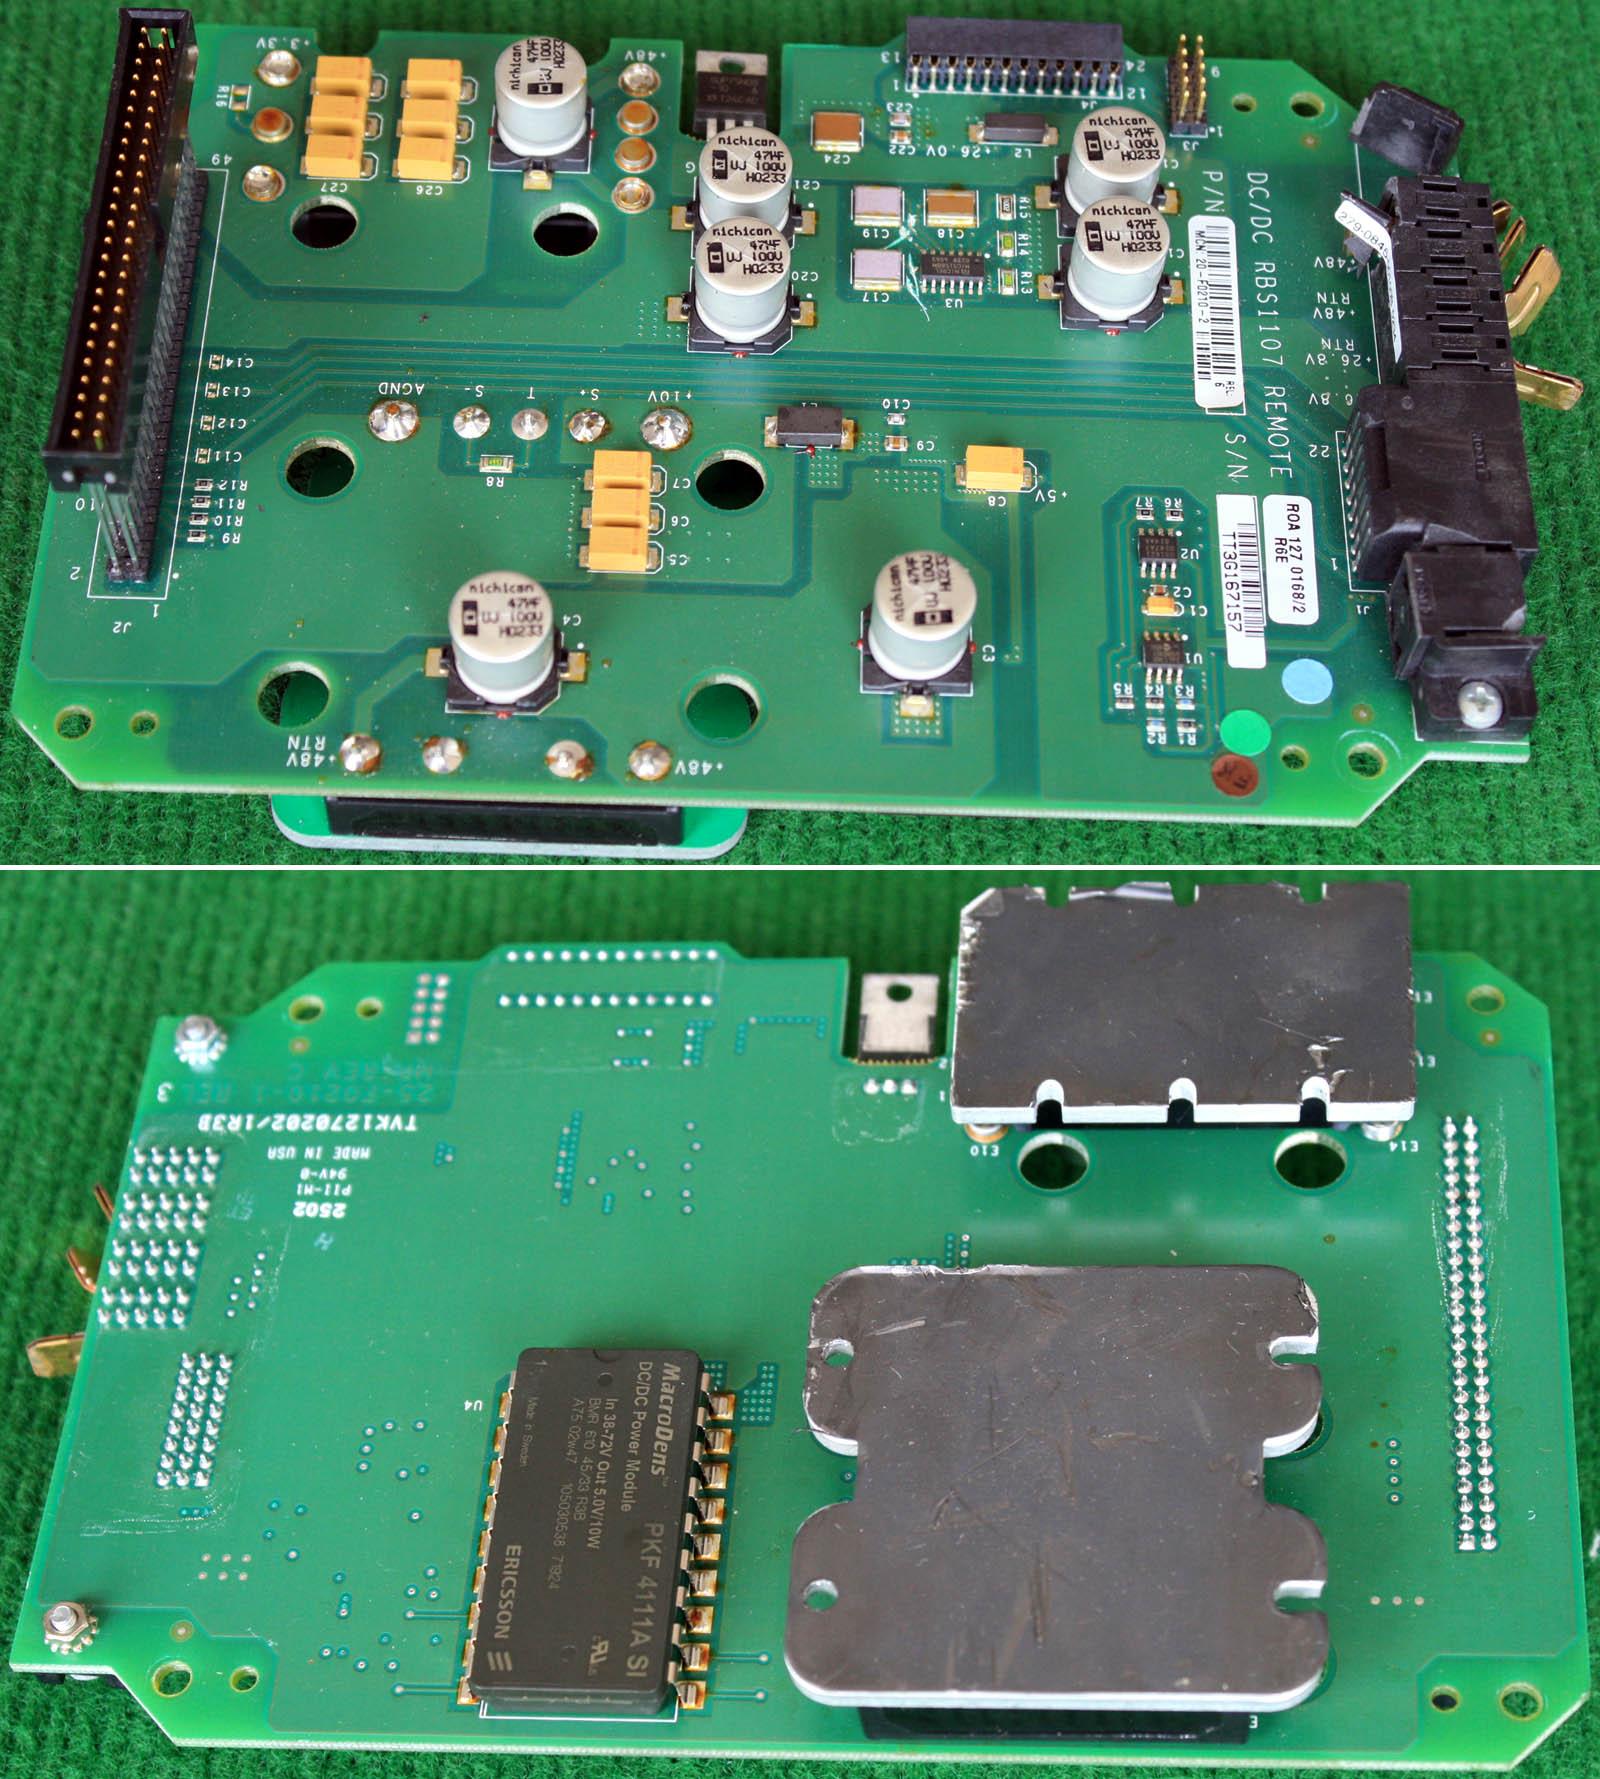 电路板 游戏截图 1600_1779